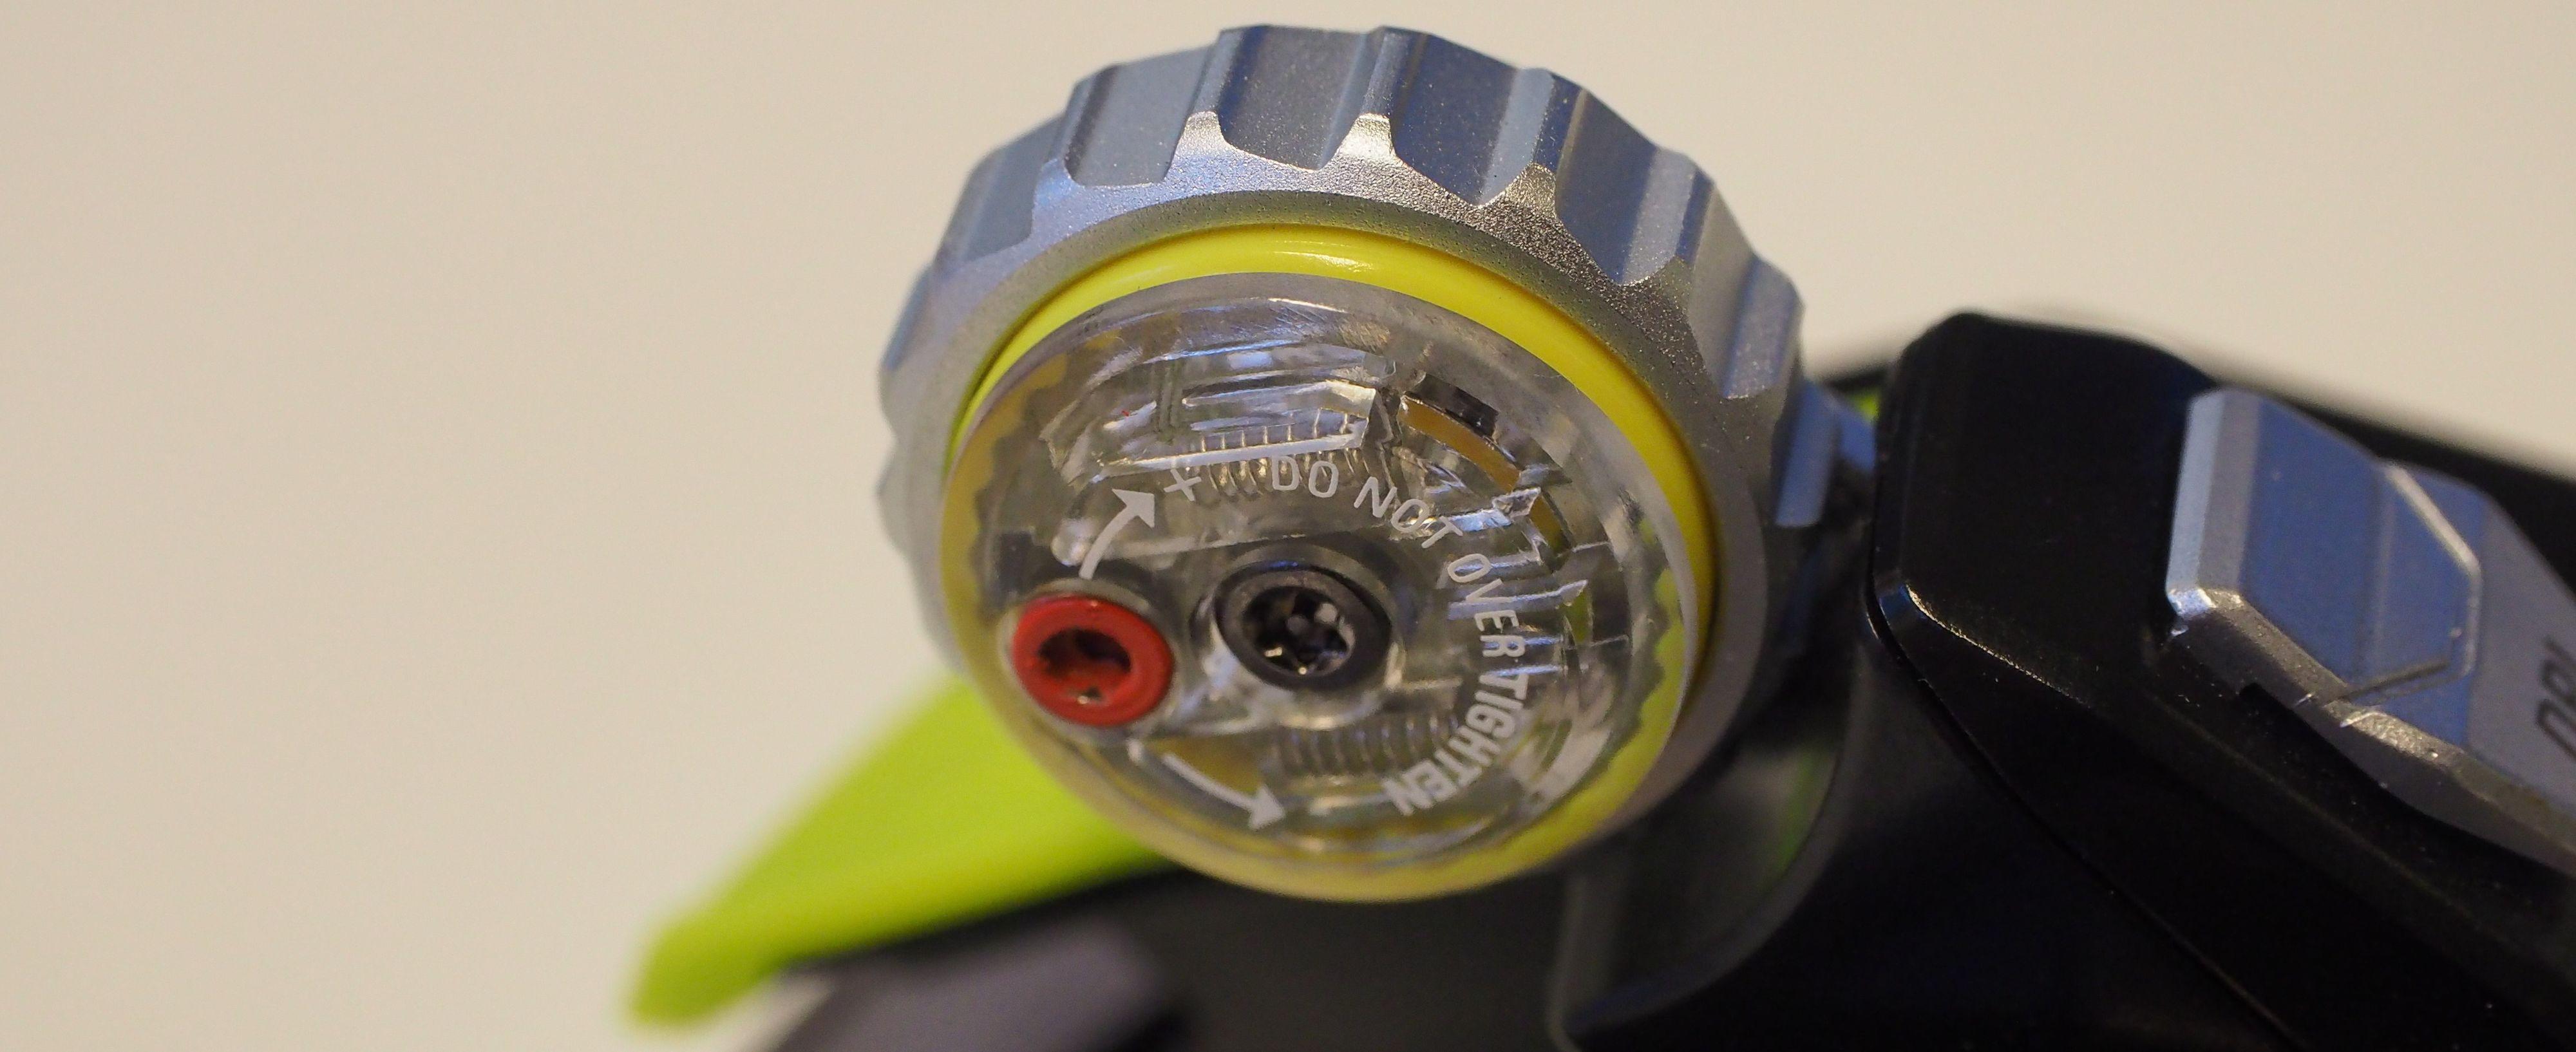 Med den røde skruen justerer du hvor lett rulle-hjulet skal gå.